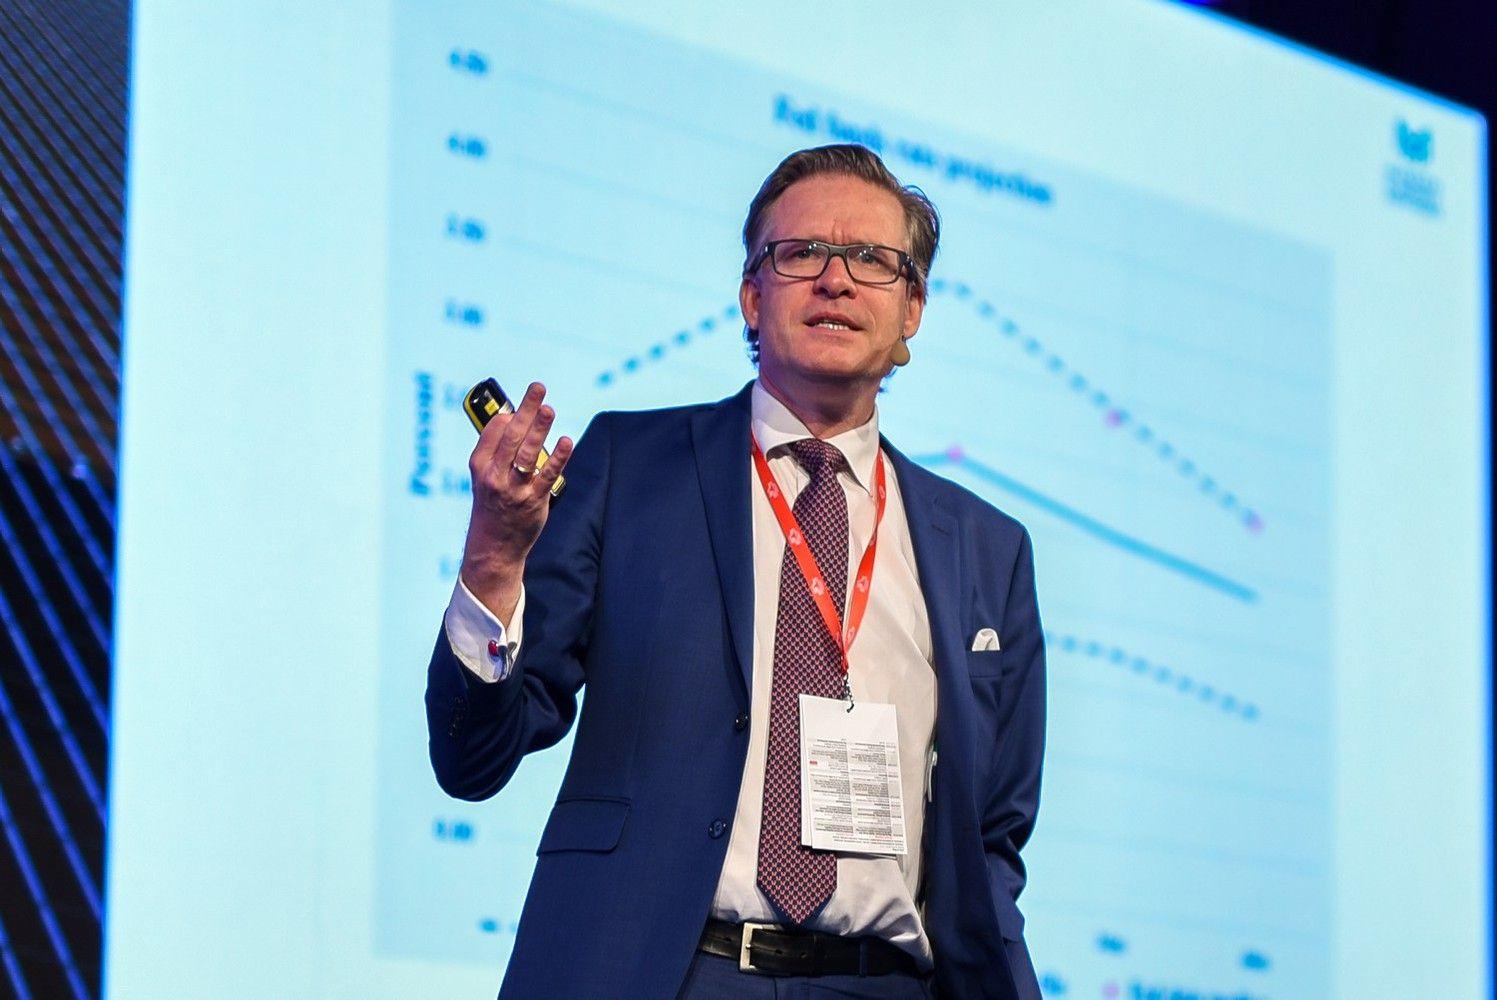 Ekonomistas Larsas Christensenas: dabartinį periodą reikia kantriai išlaukti